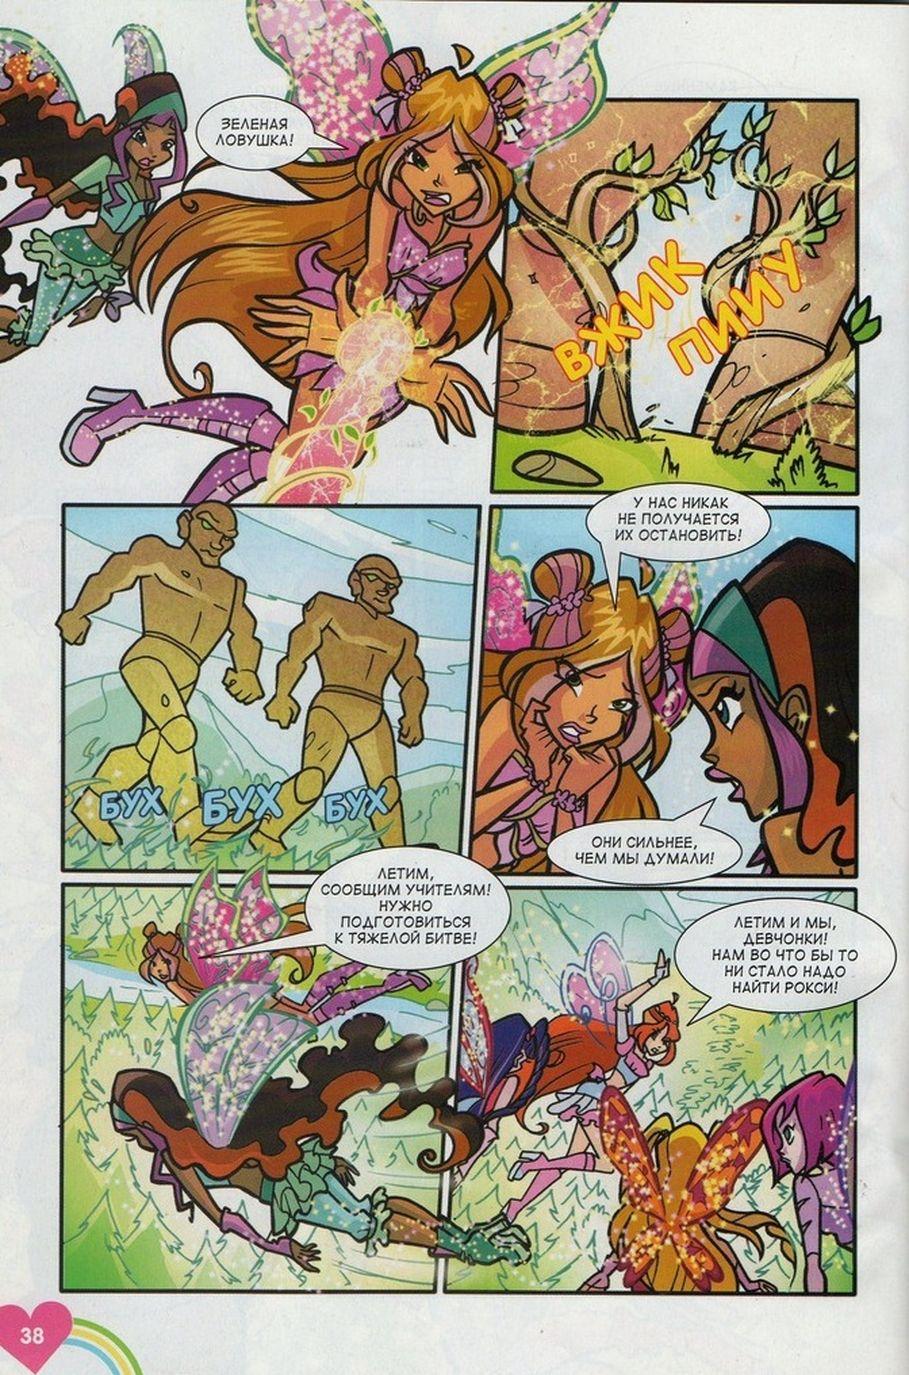 Комикс Винкс Winx - Каменные великаны (Журнал Винкс №11 2011) - стр. 35